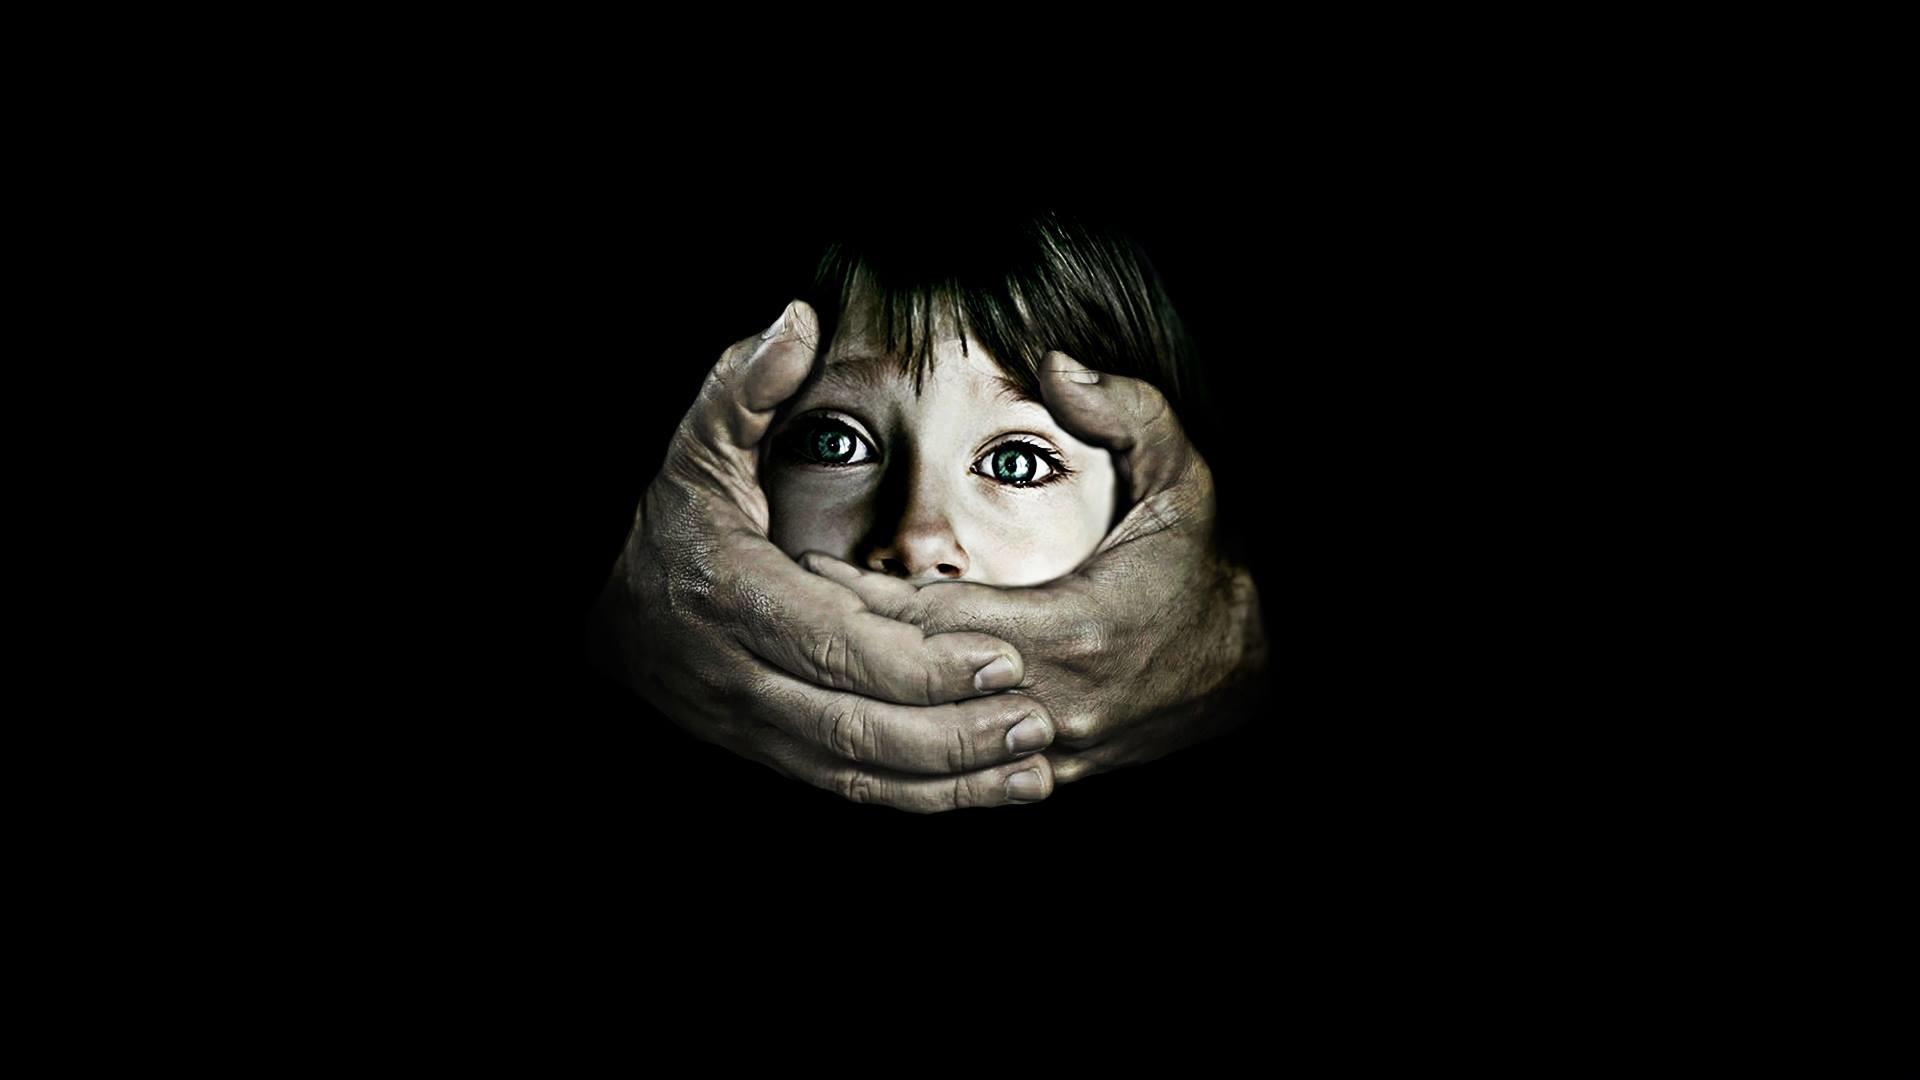 Kadın platformu: Cinsel istismarcılara yönelik af girişimlerinden vazgeçin